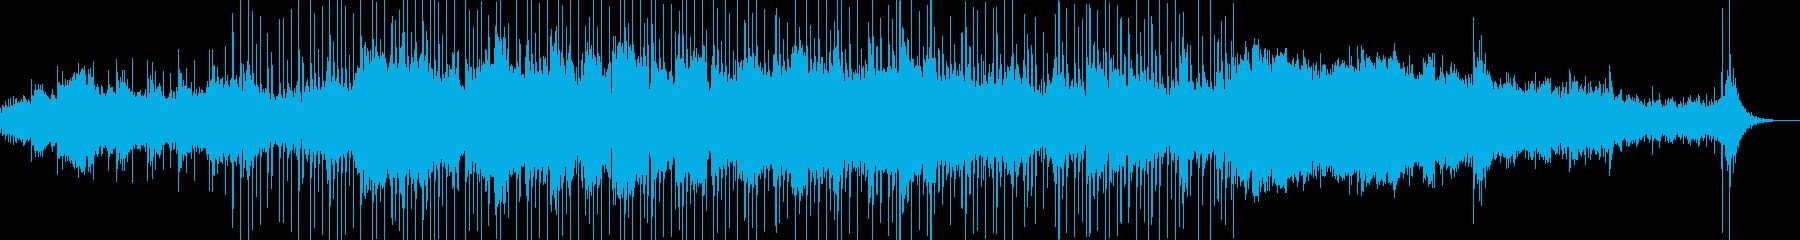 寂寥感のあるゆったりした曲の再生済みの波形